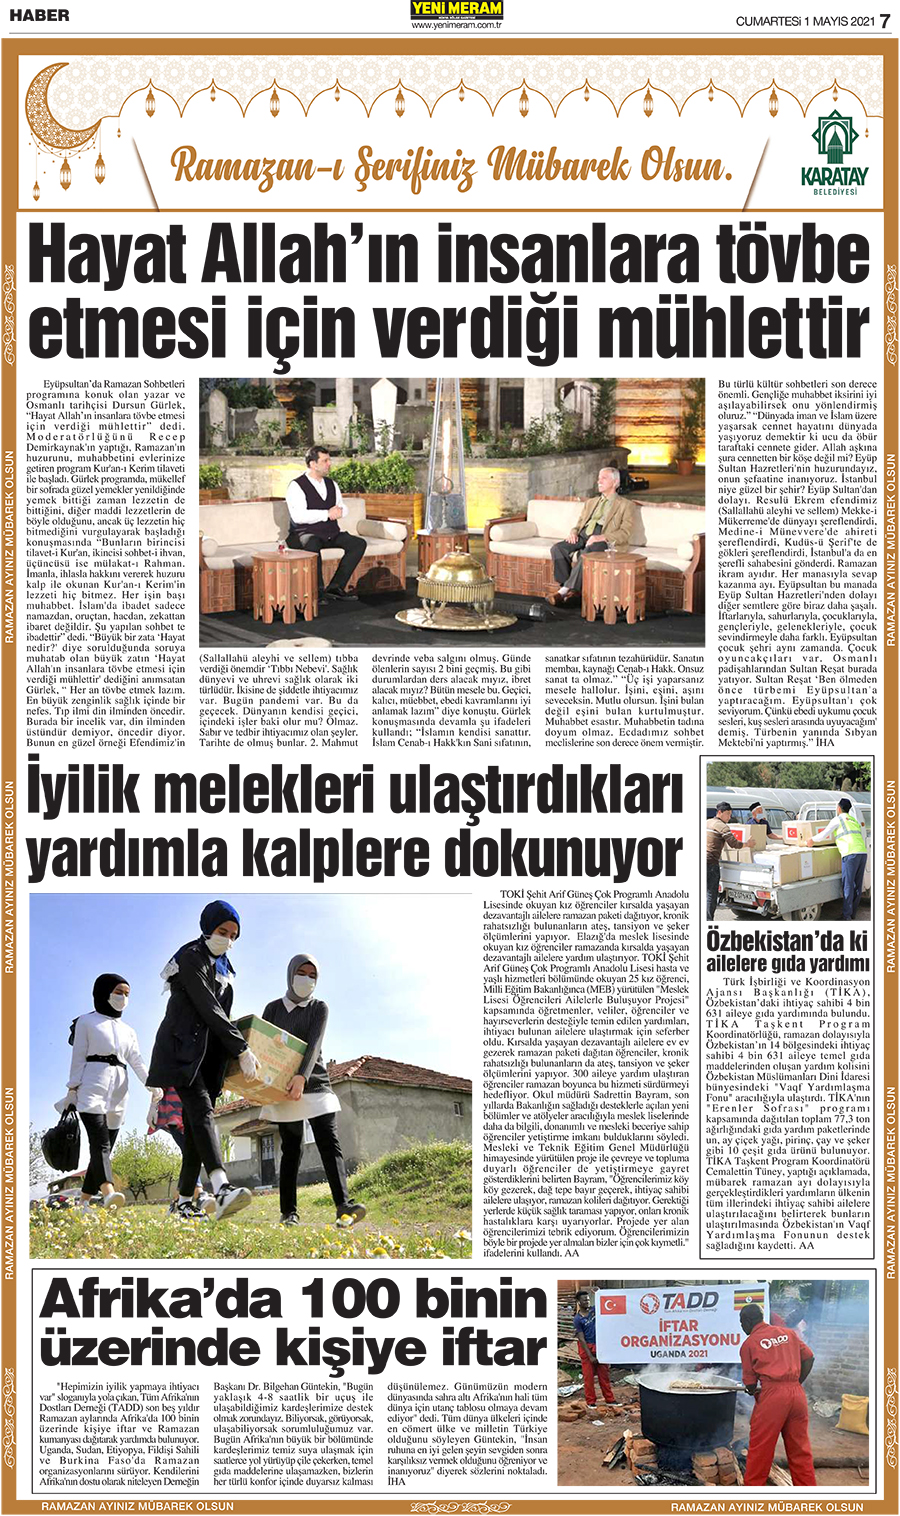 1 Mayıs 2021 Yeni Meram Gazetesi